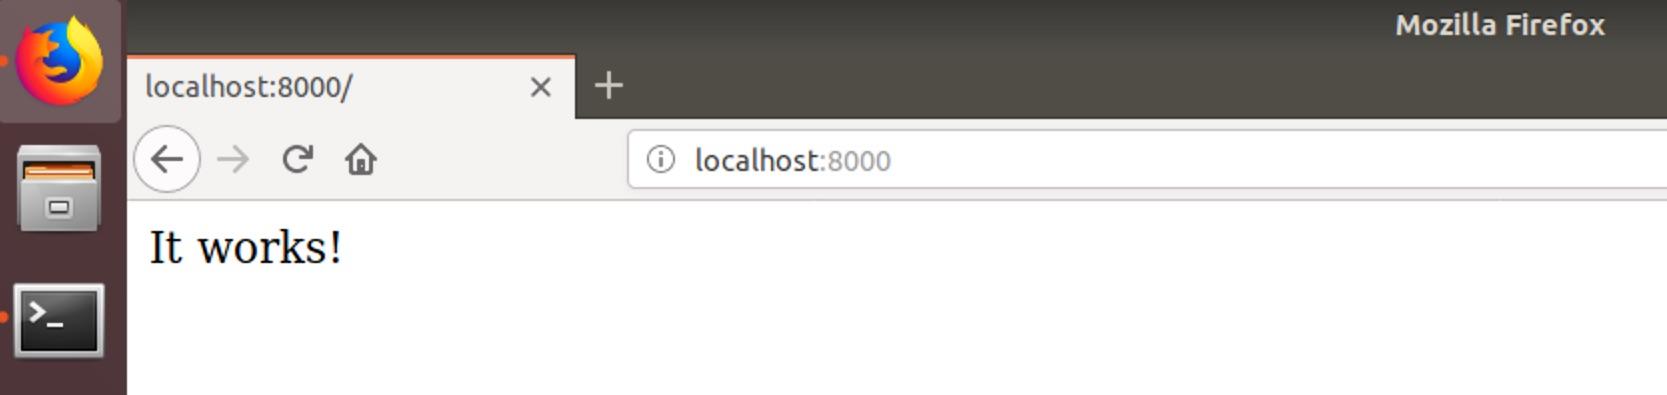 Проект Django, запущенный в веб-браузере Firefox.